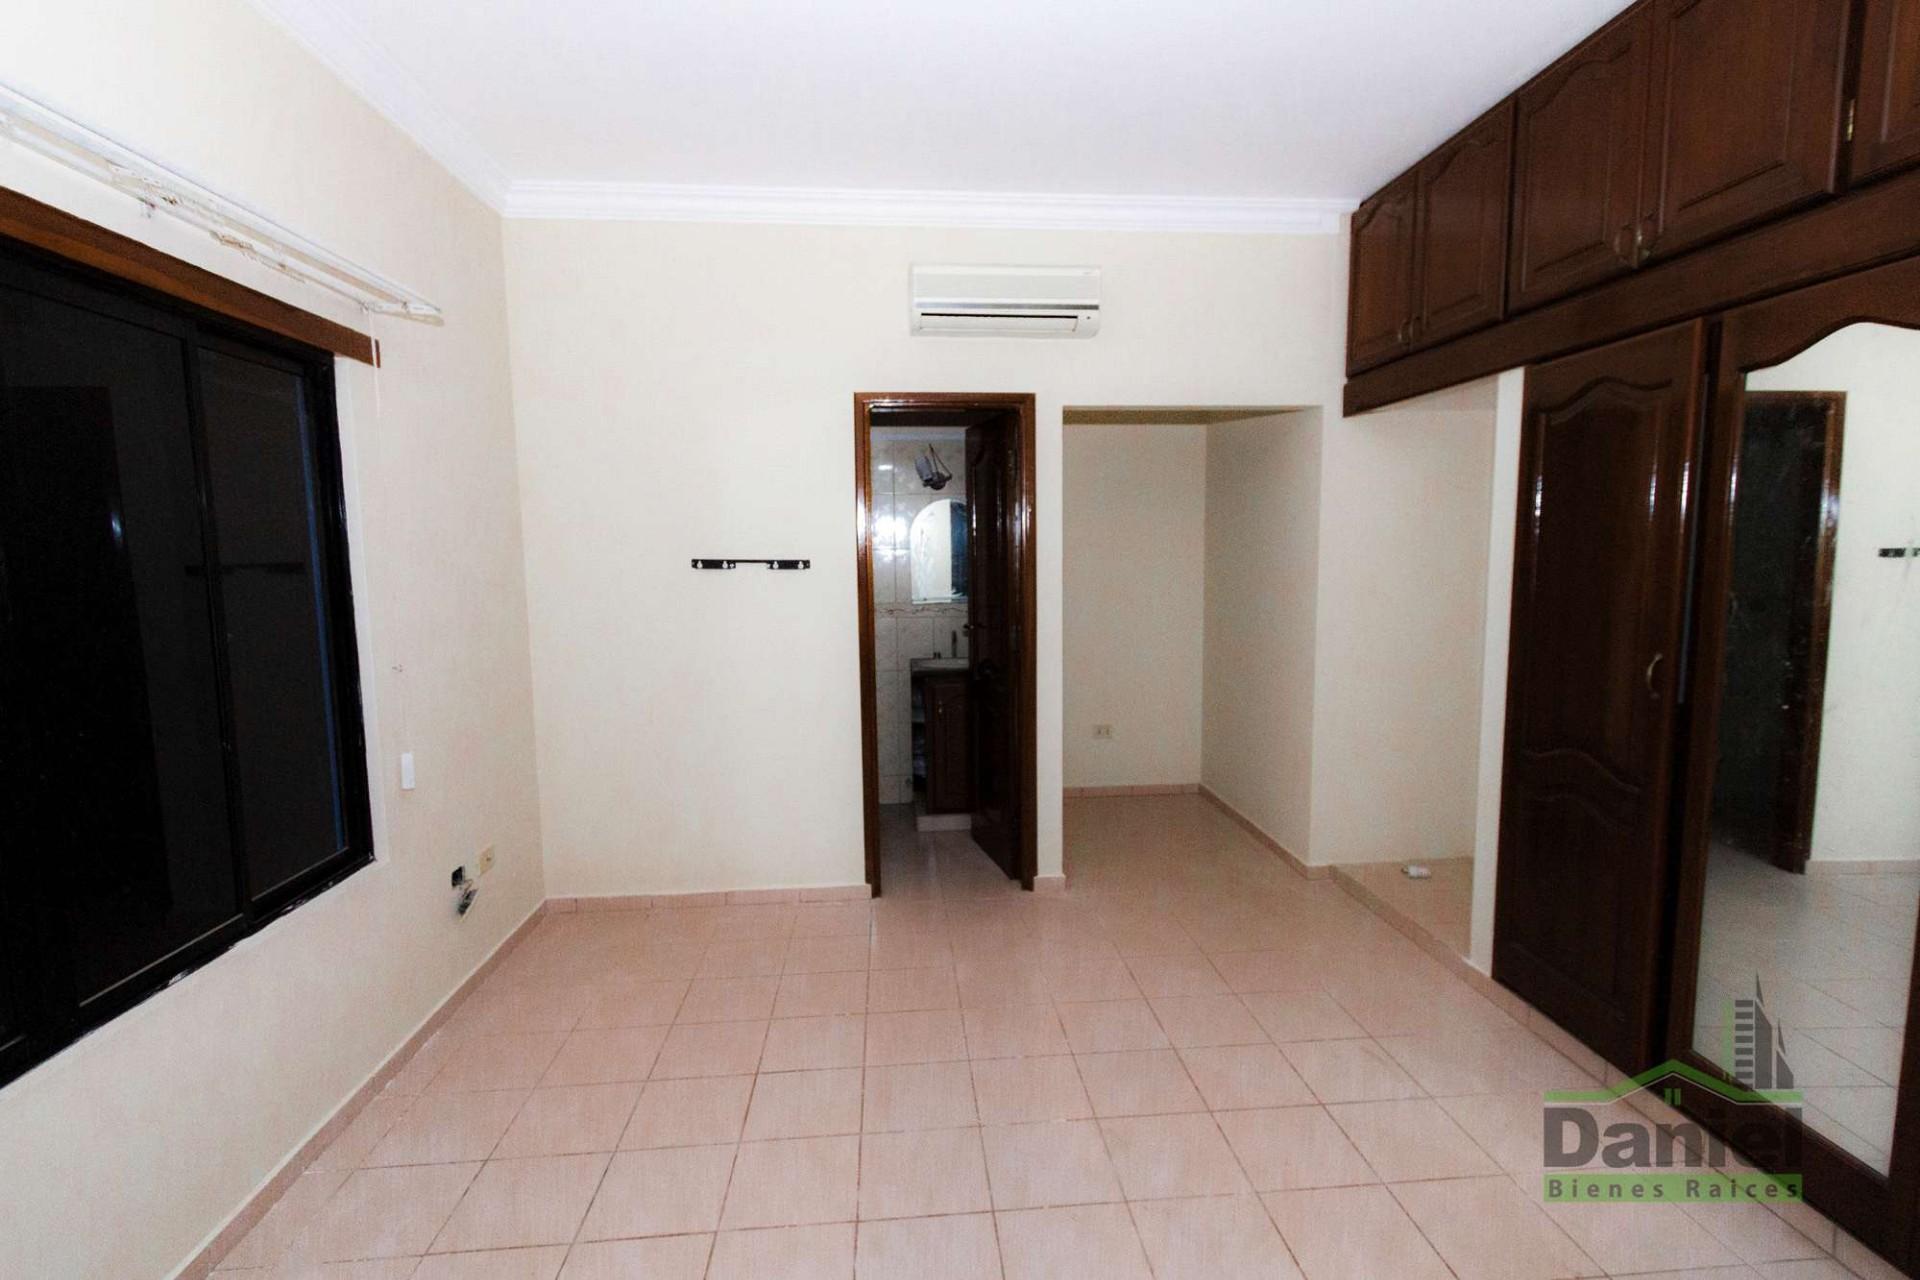 Casa en Venta CASA GRANDE ENTRE 4TO Y 5TO ANILLO RADIAL 27 Foto 11